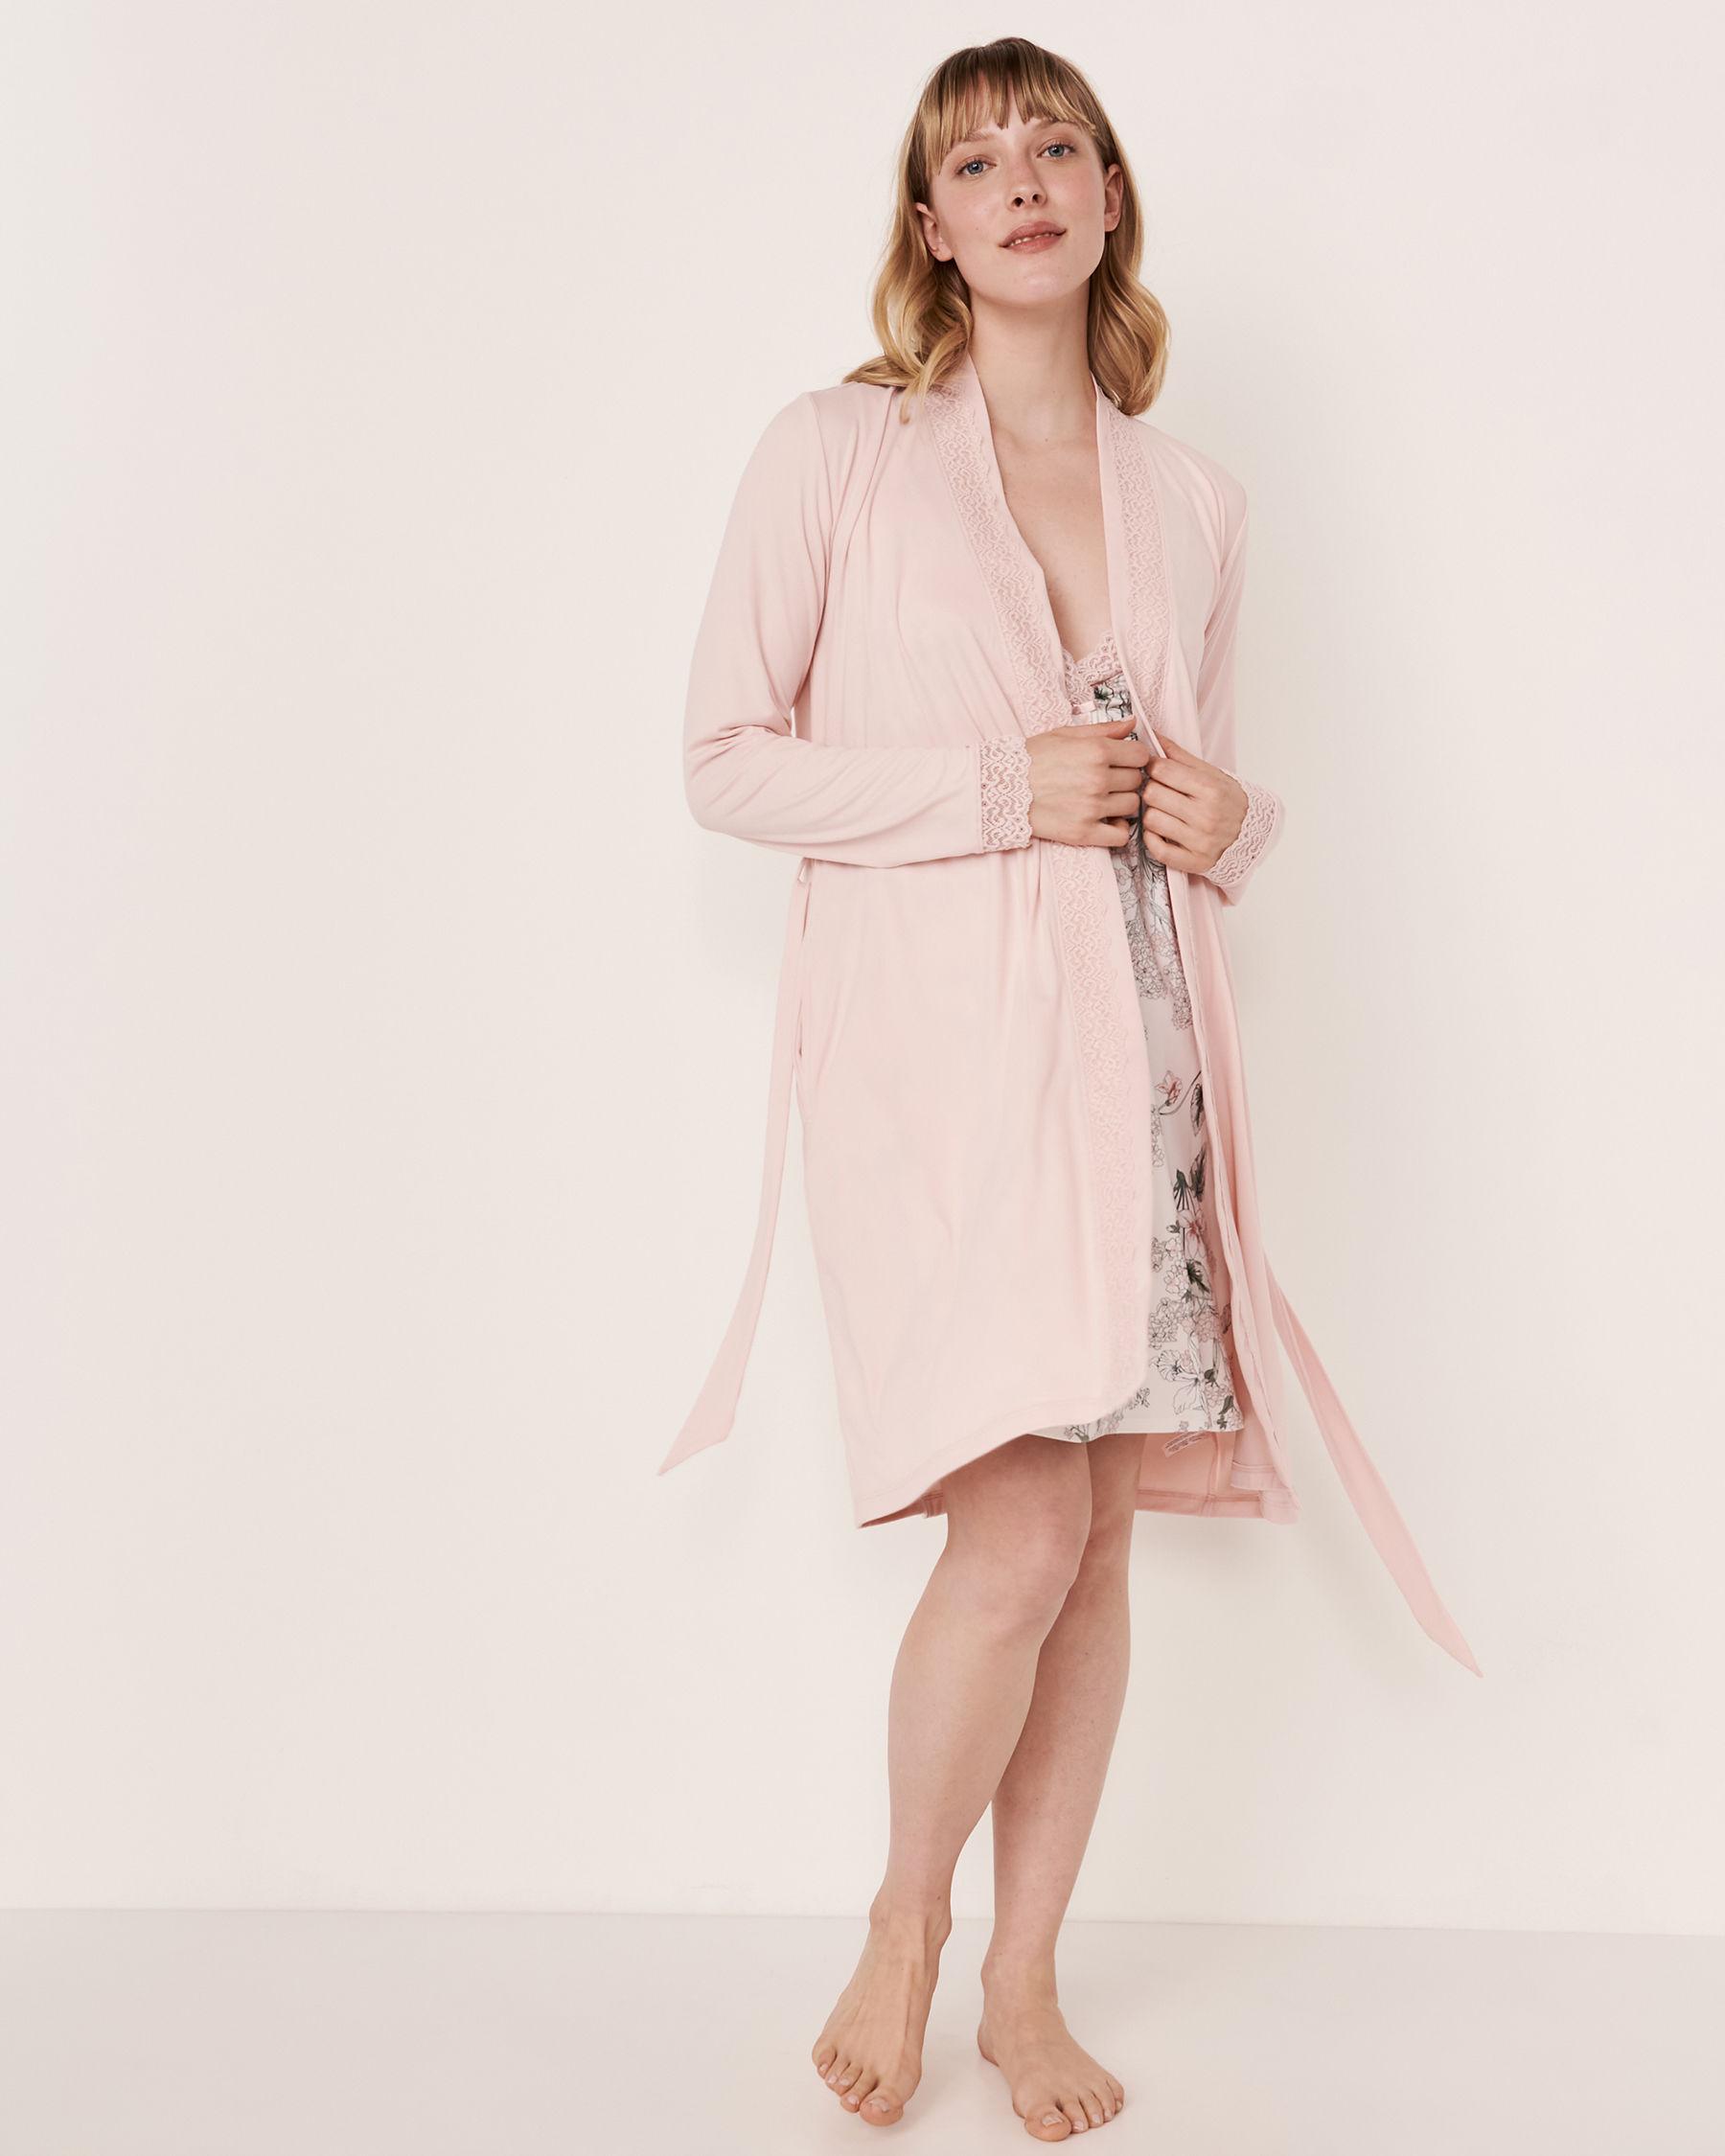 LA VIE EN ROSE Kimono garniture de dentelle Rose pâle 40600018 - Voir3